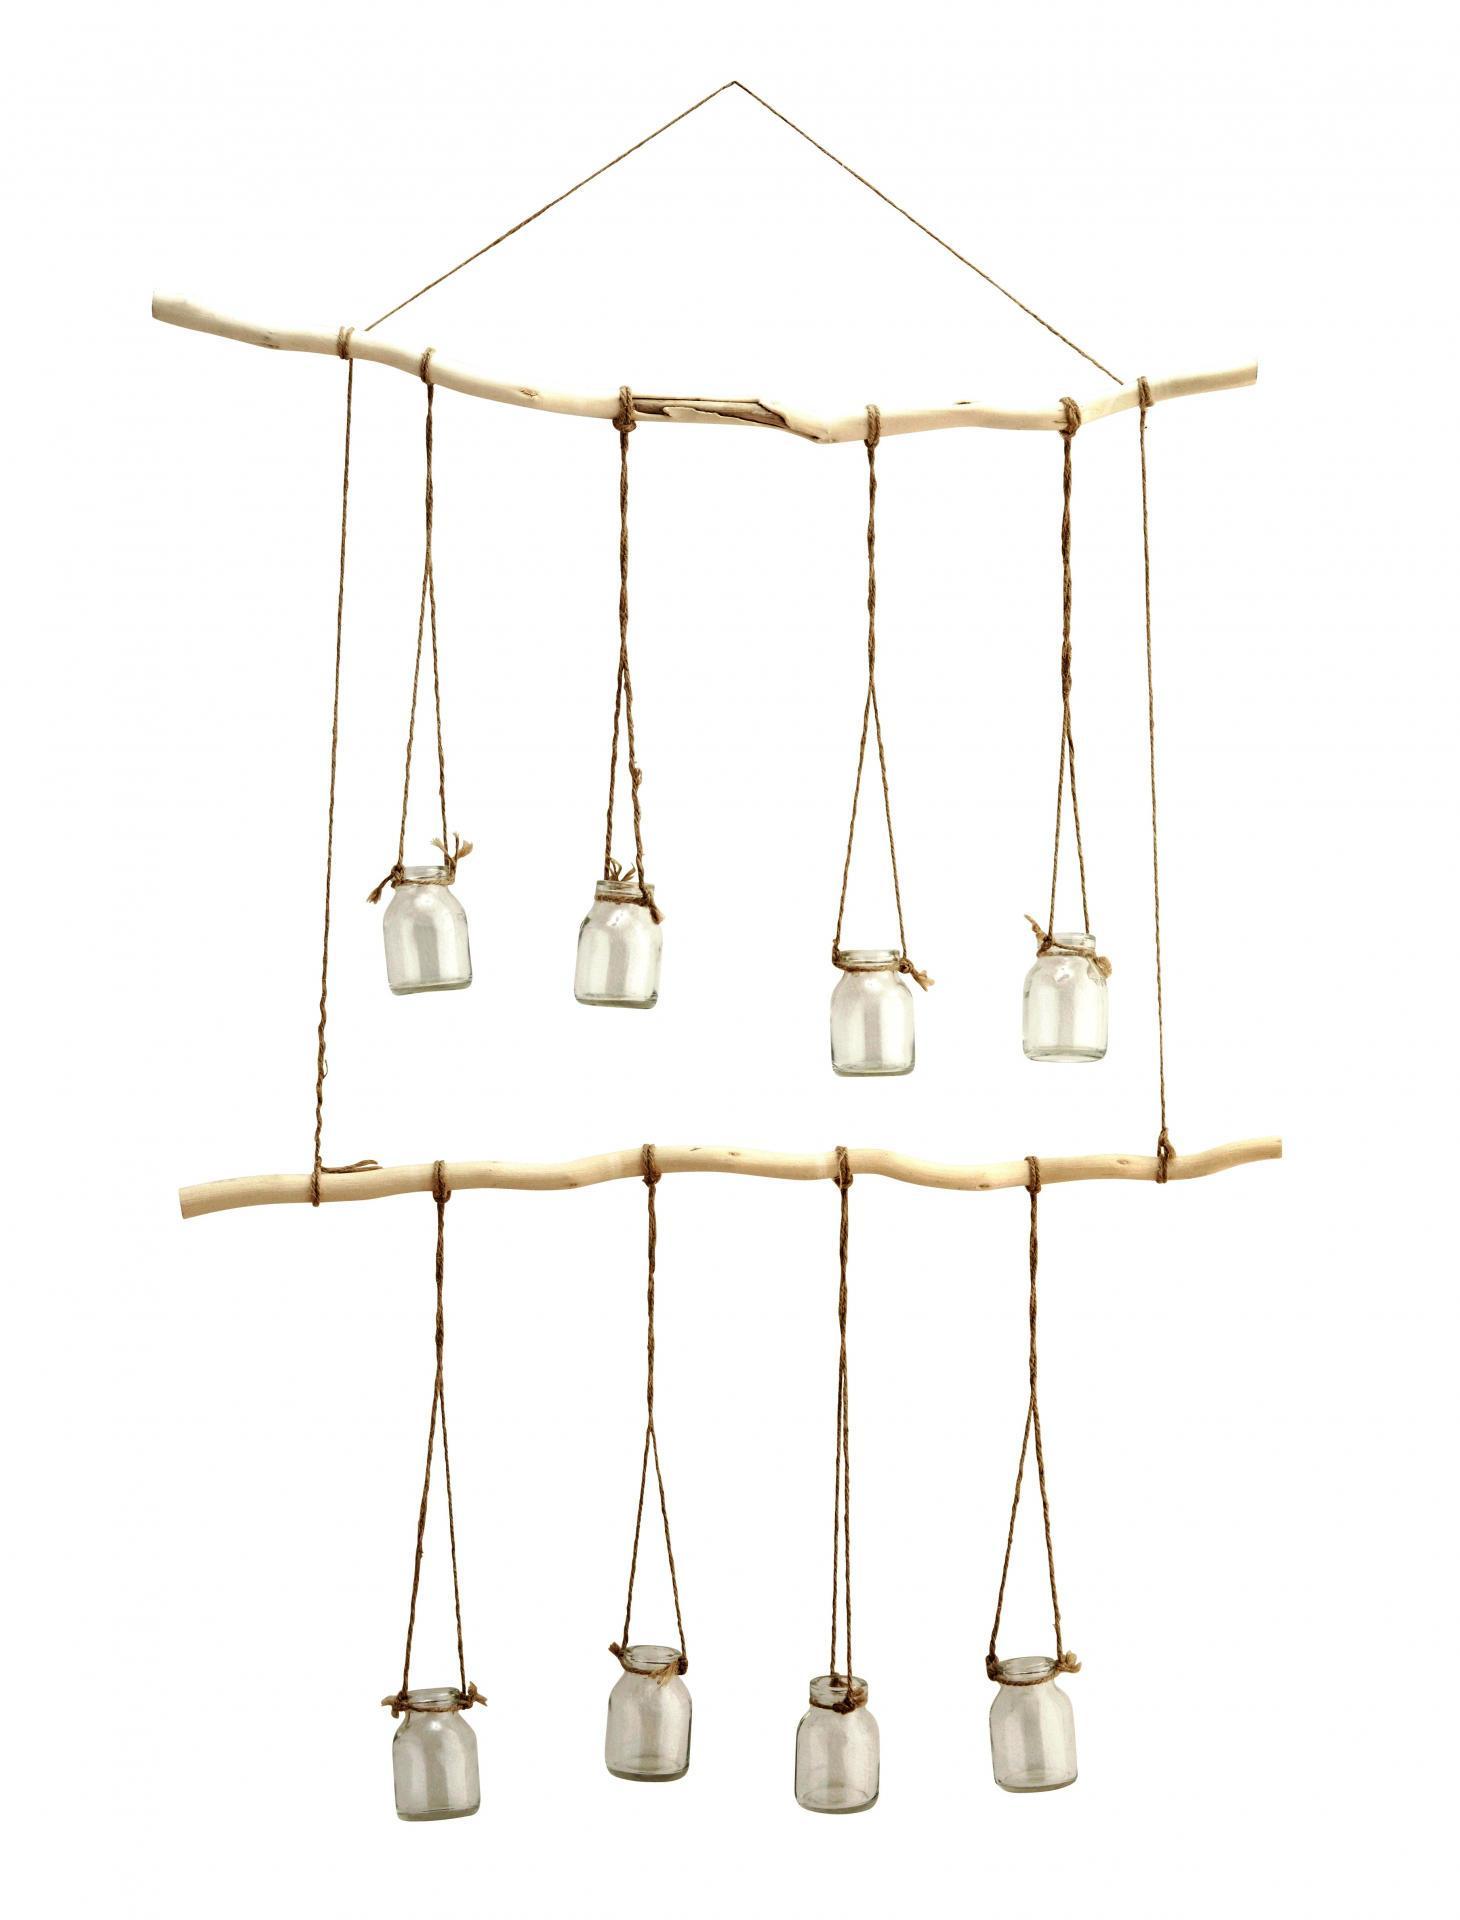 MADAM STOLTZ Závěsná dekorace s osmi skleněnými vázičkami, čirá barva, sklo, dřevo